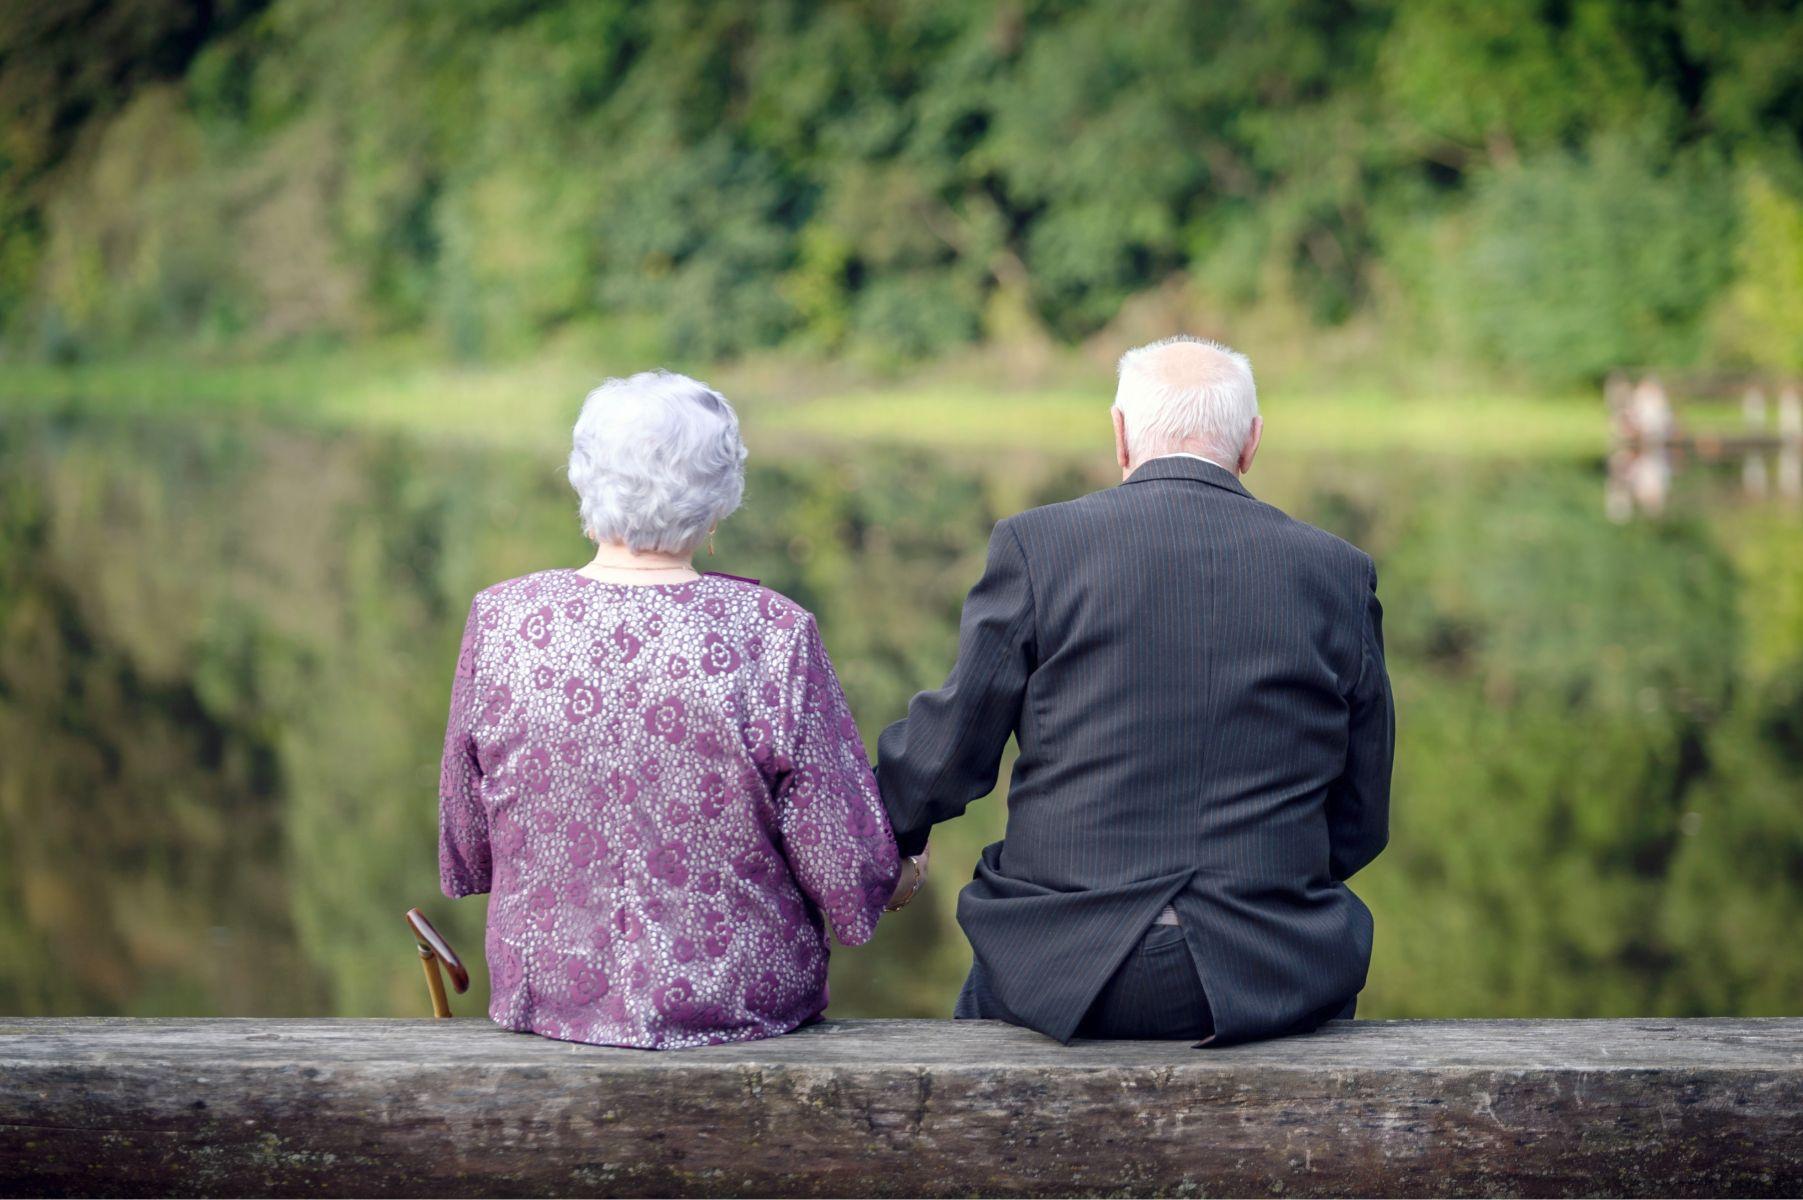 你感受到了嗎?成為照顧者後才明白,老人最後的尊嚴是尿布